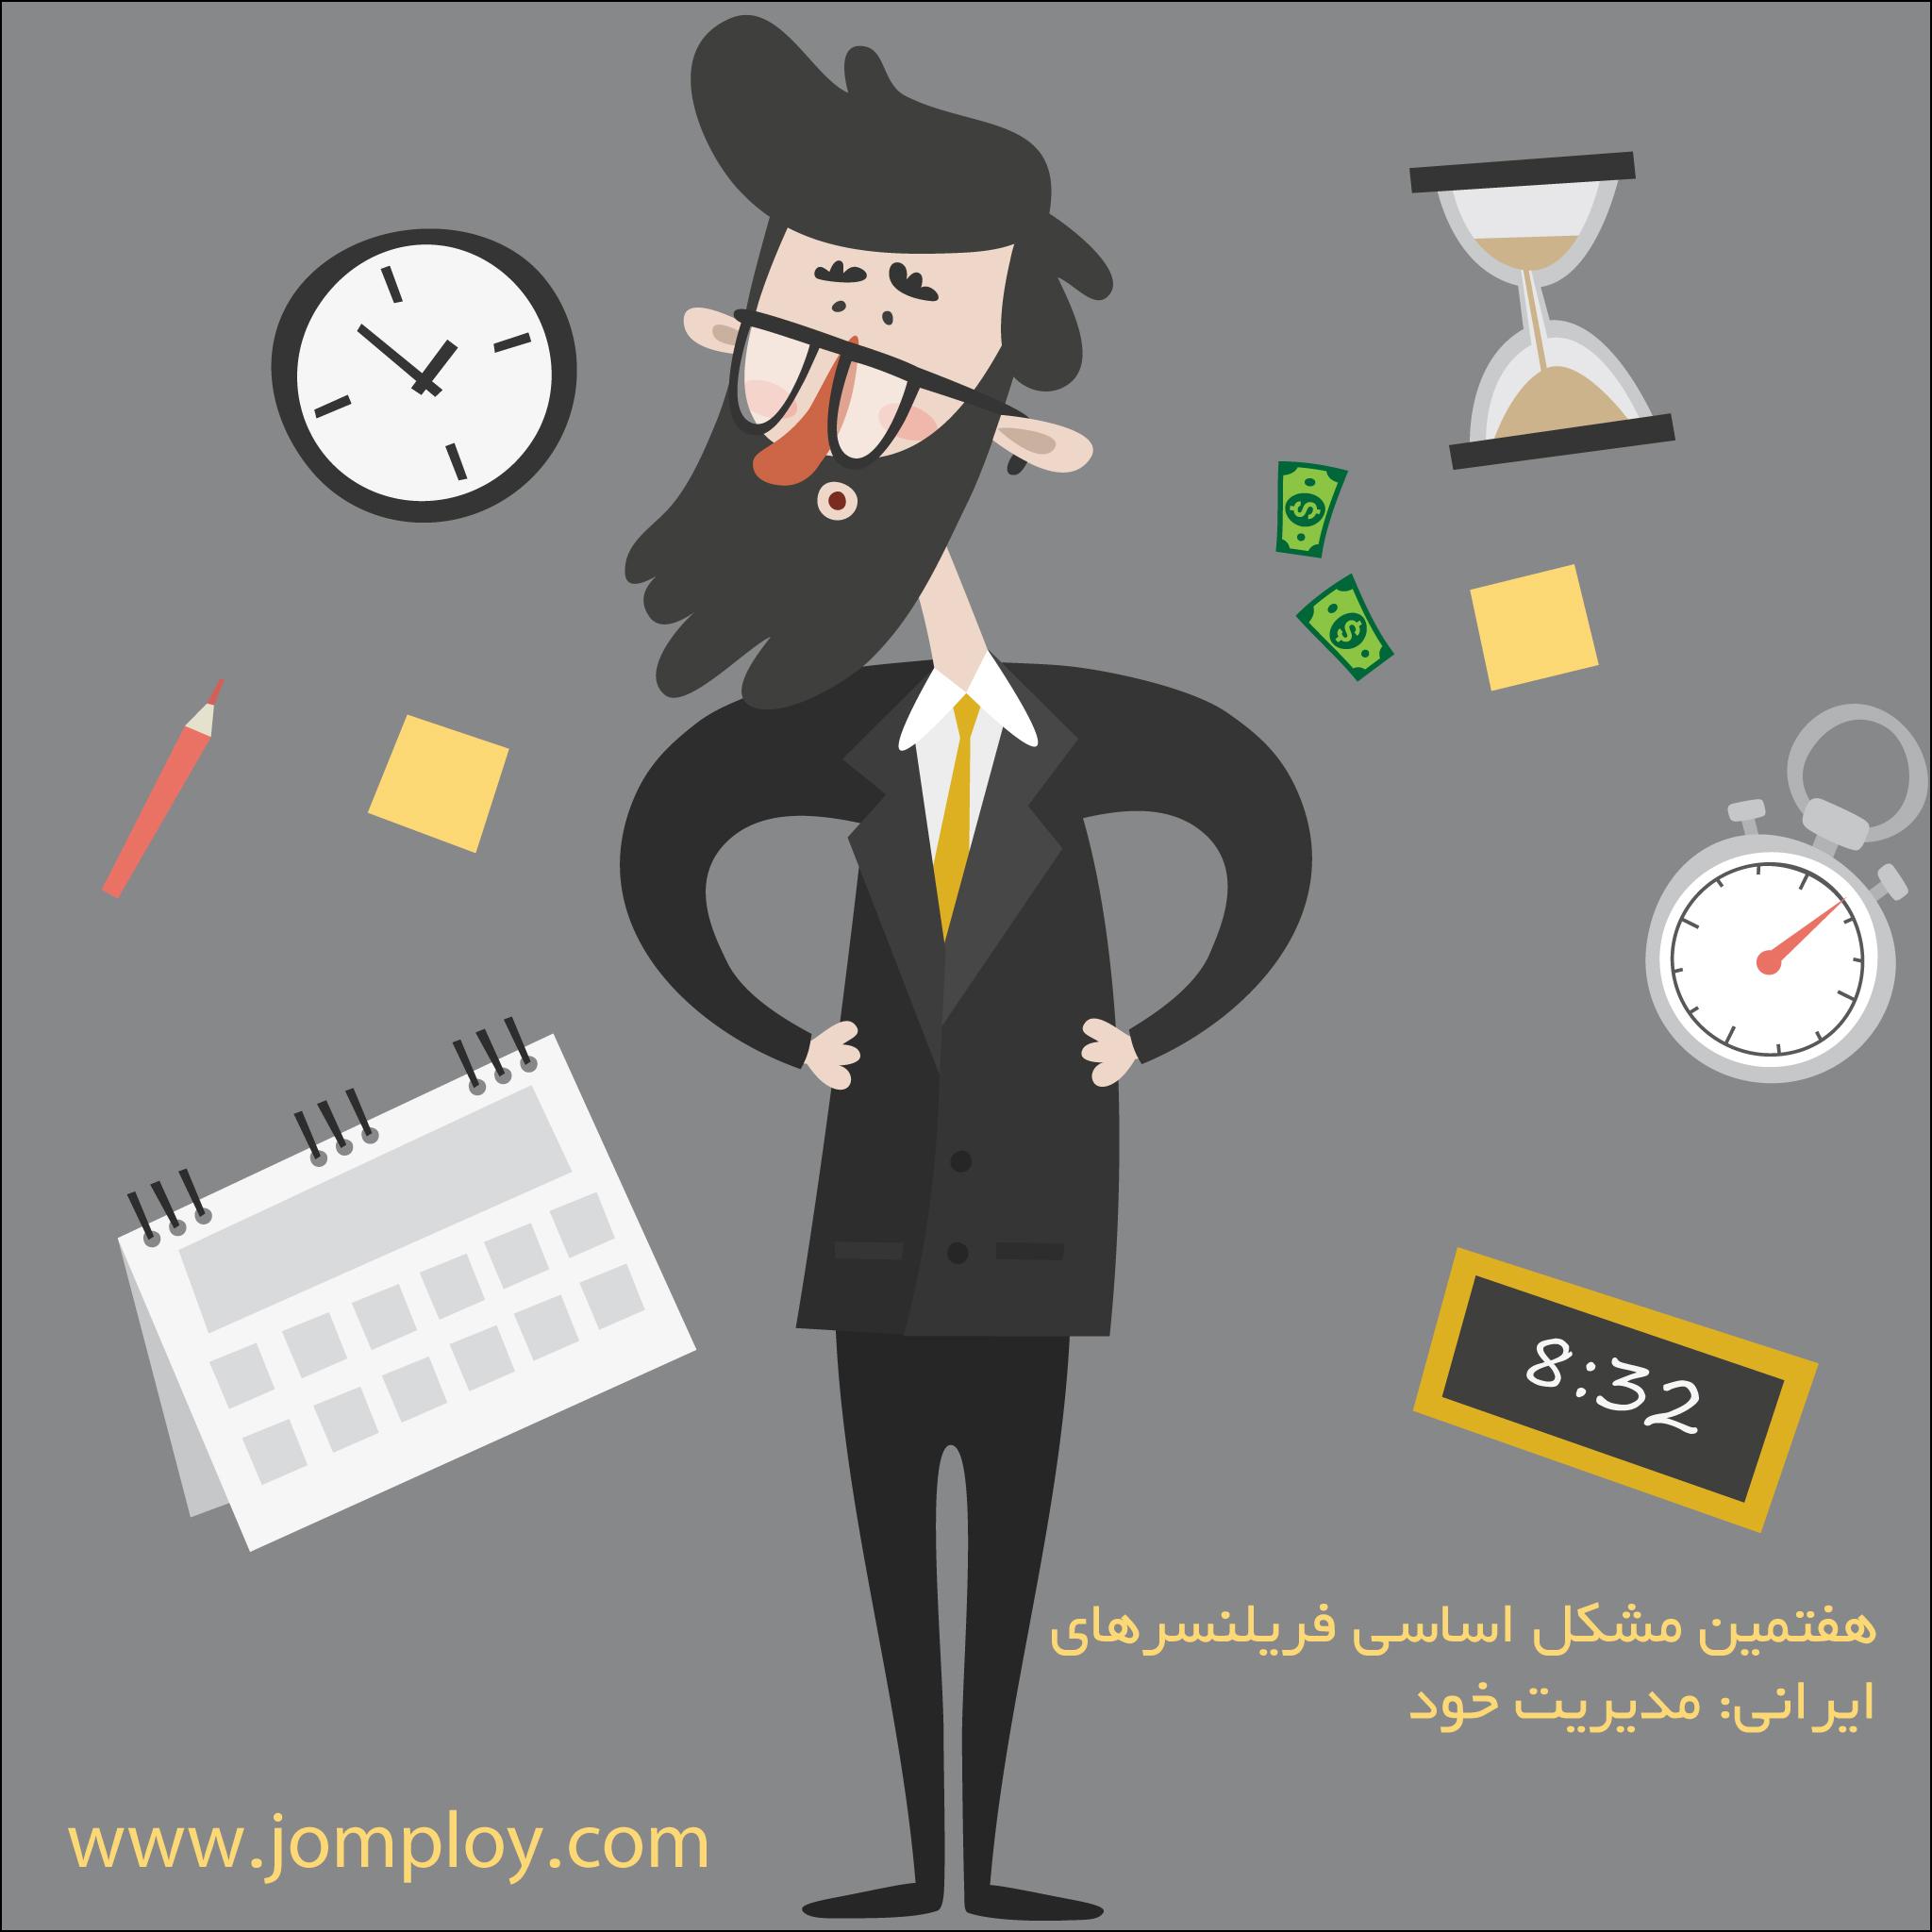 10 مشکل فریلنسرهای ایرانی-مشکل هفتم: مدیریت خود